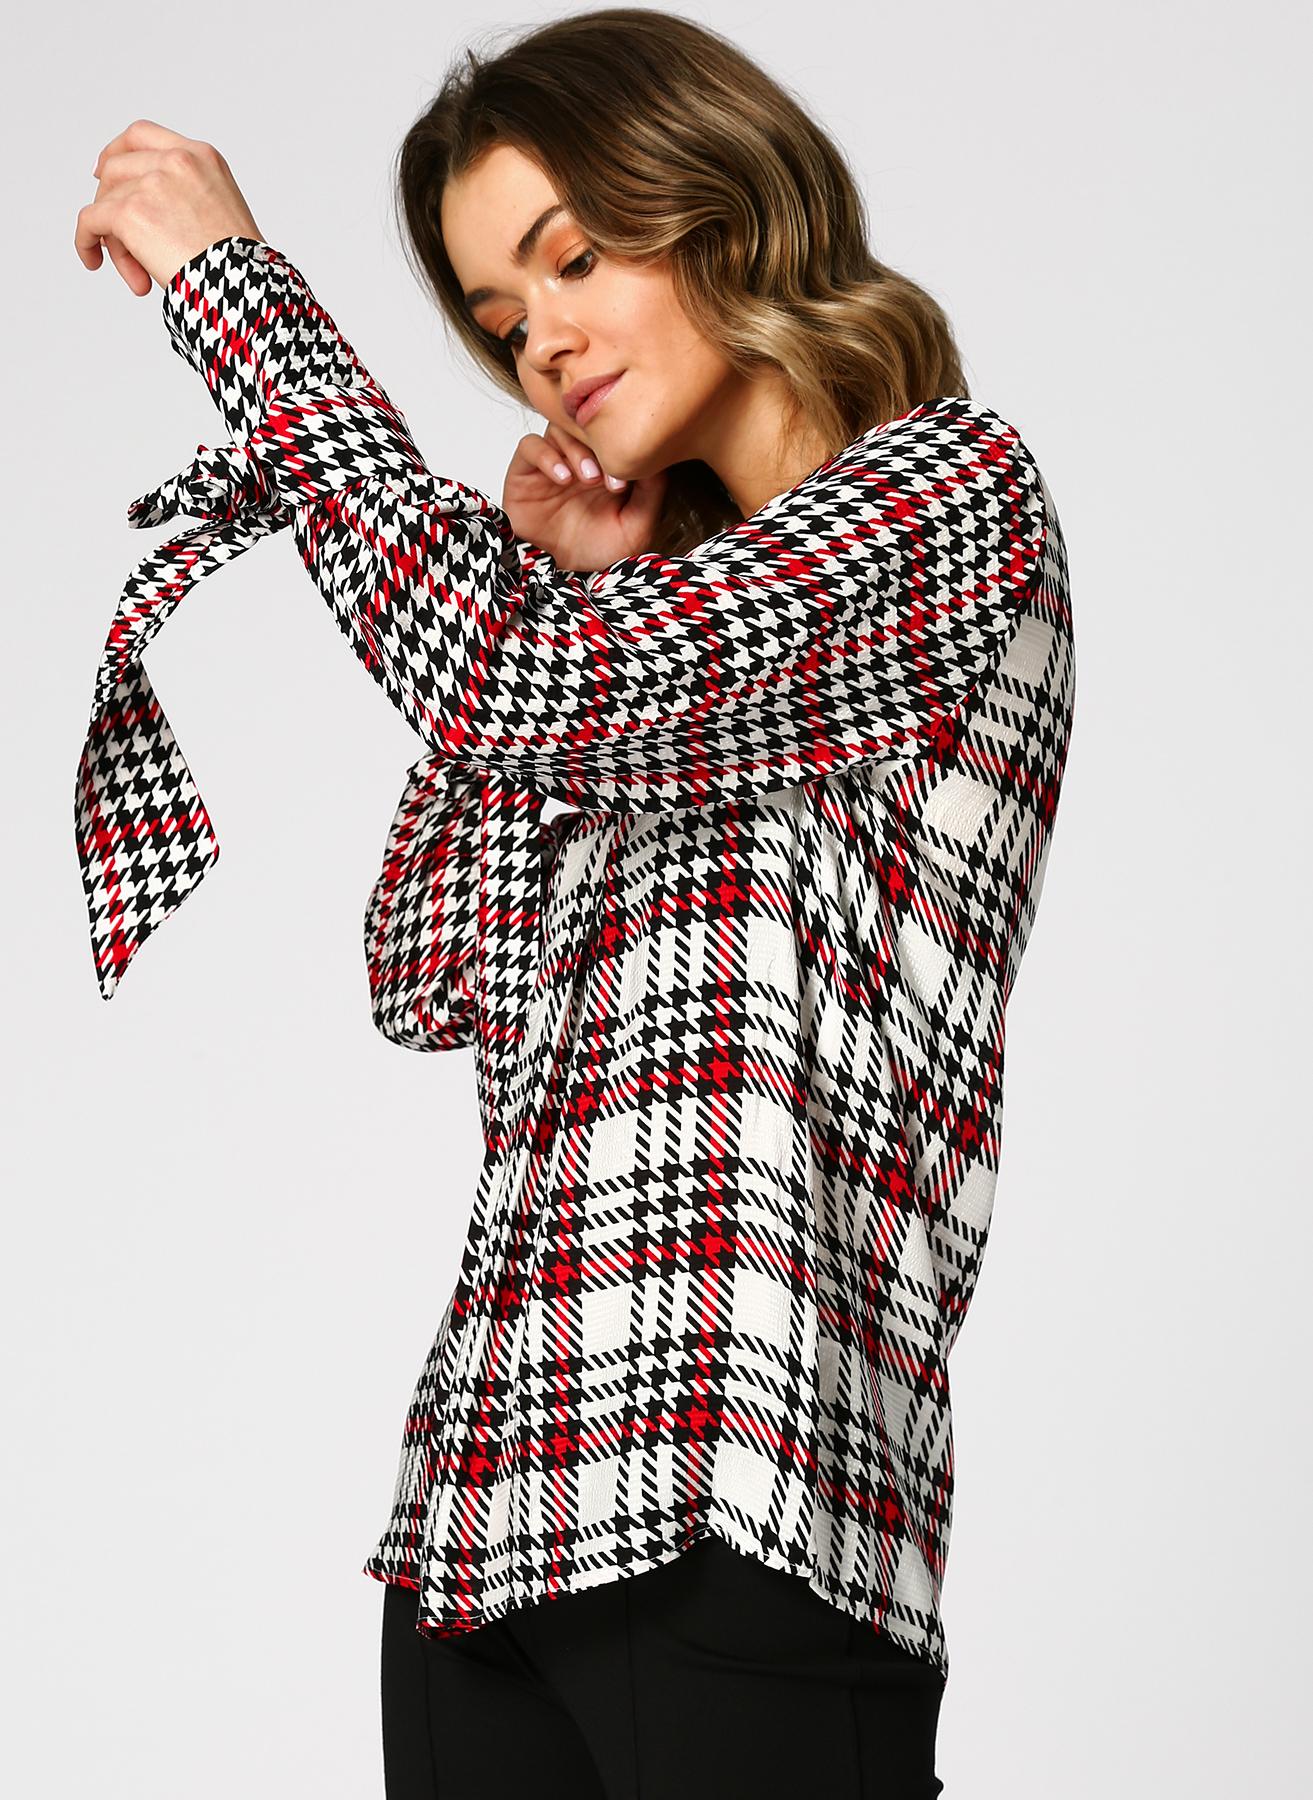 İpekyol Kazayağı Desenli Siyah-Beyaz Bluz 38 5002352248003 Ürün Resmi